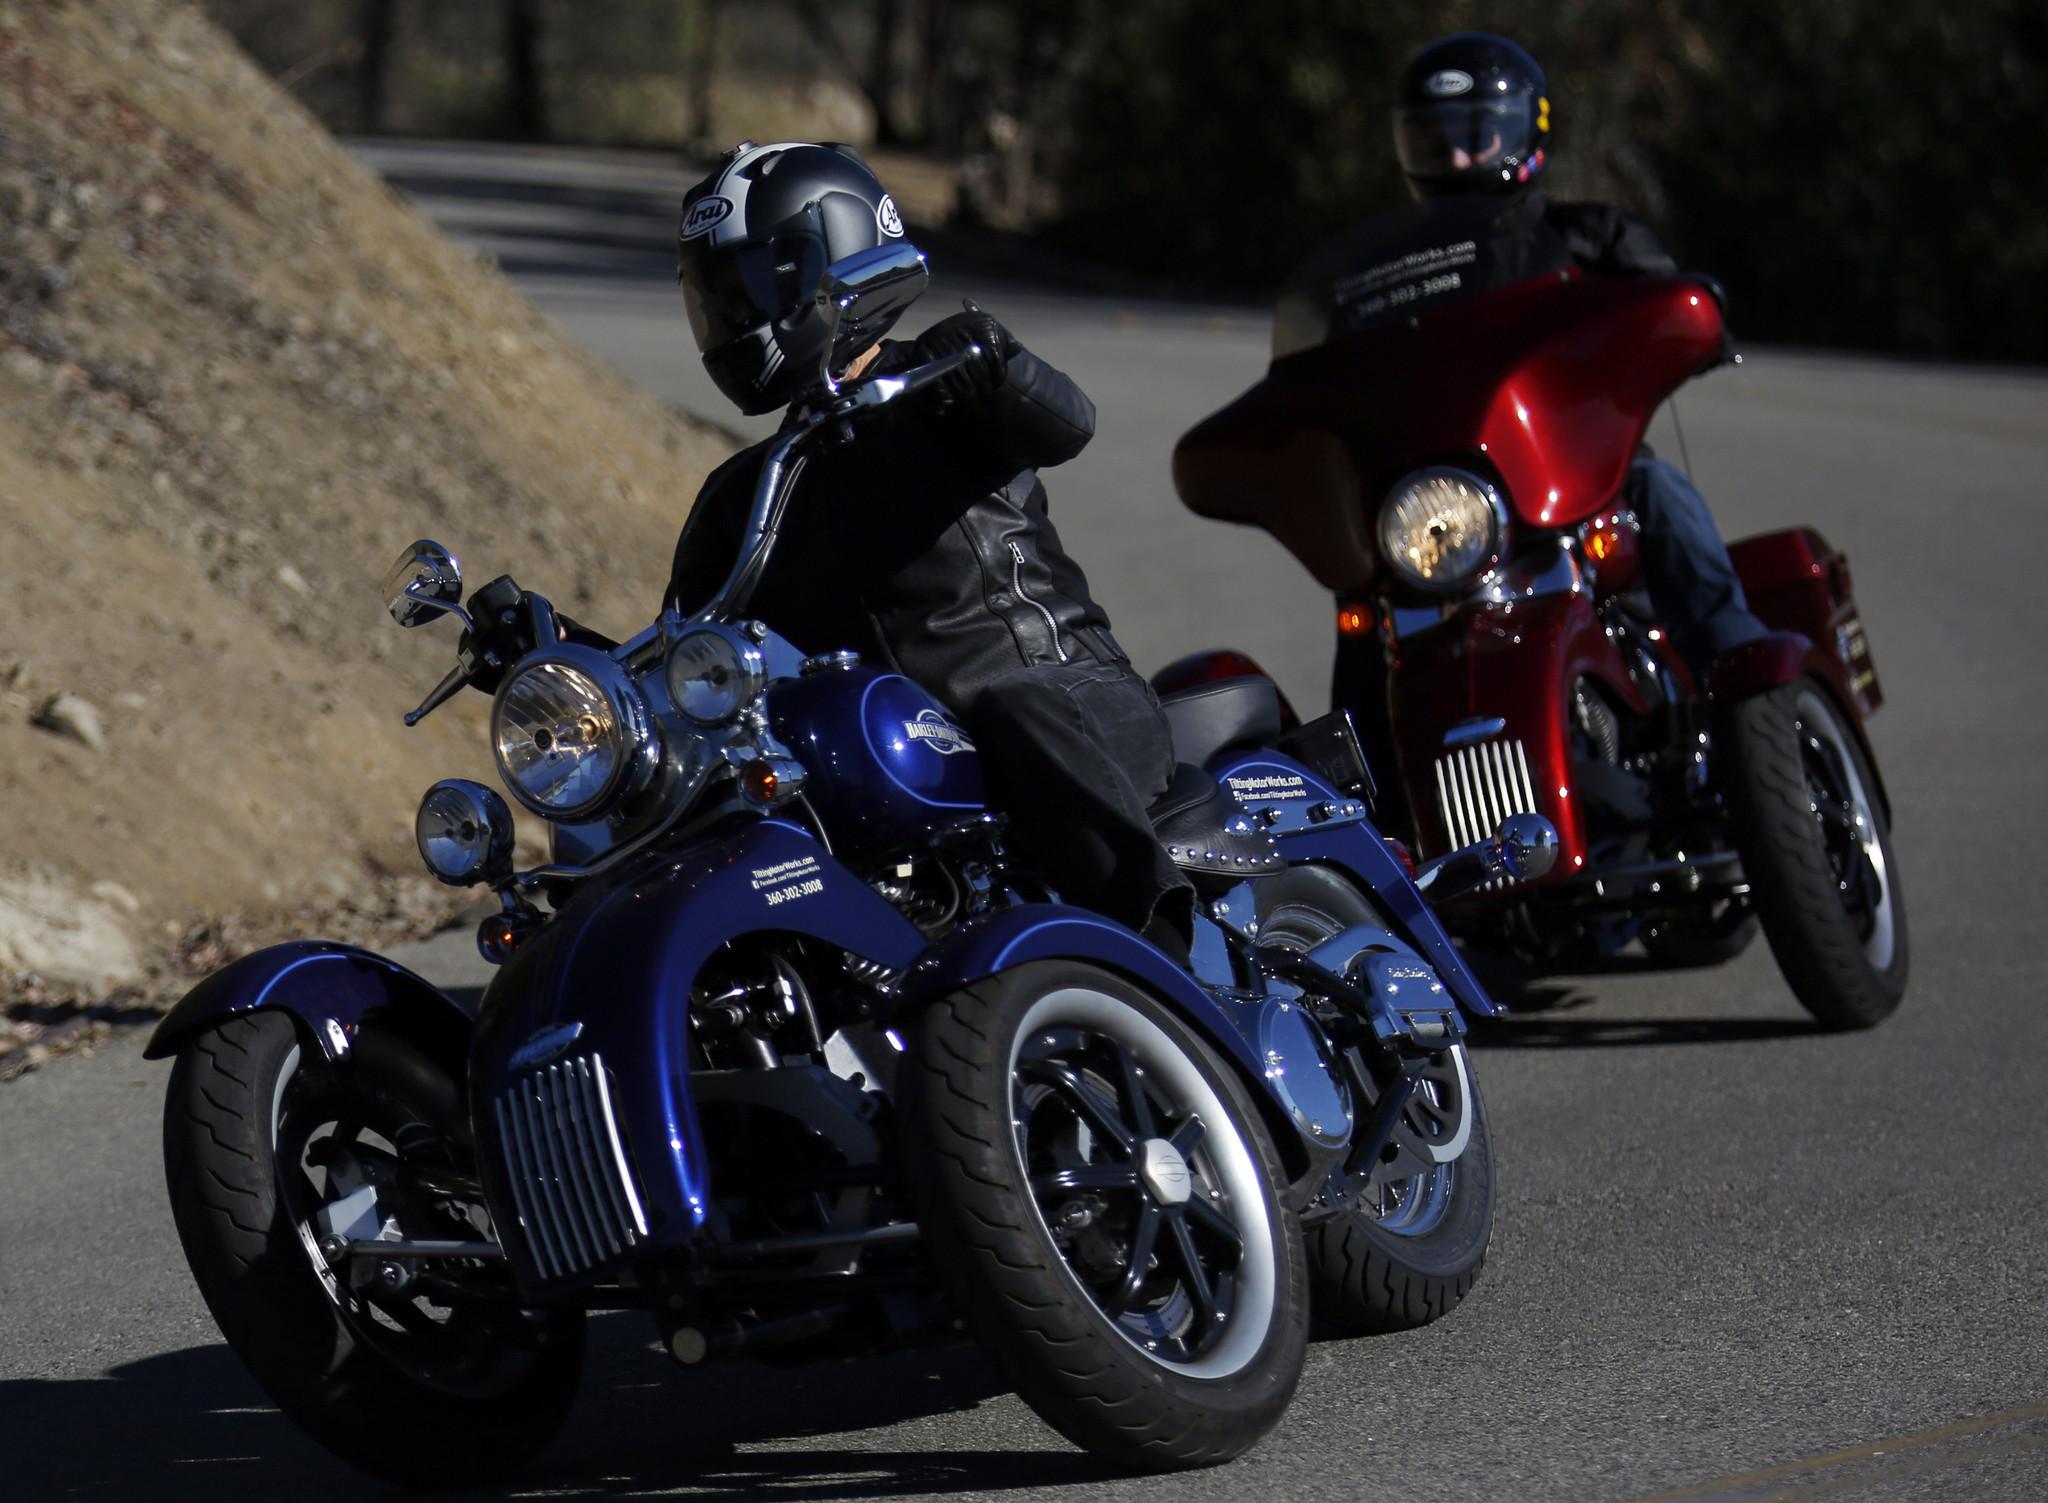 tilting reverse motorcycles motor harley kit davidson works trikes three trike wheeled motorcycle bike wheel wheels bikes turns turn power